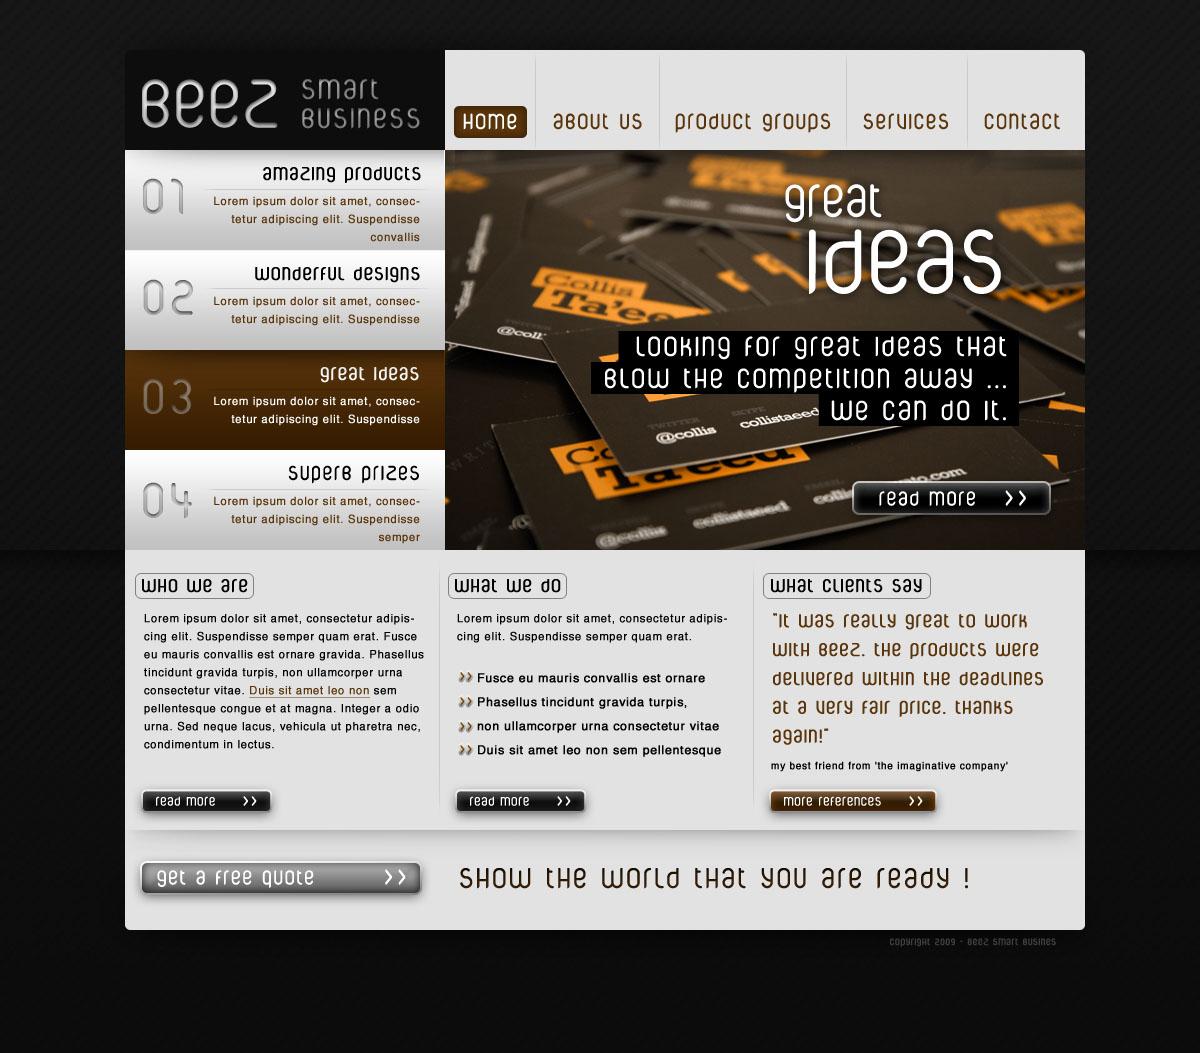 BEEZ - smart business website template